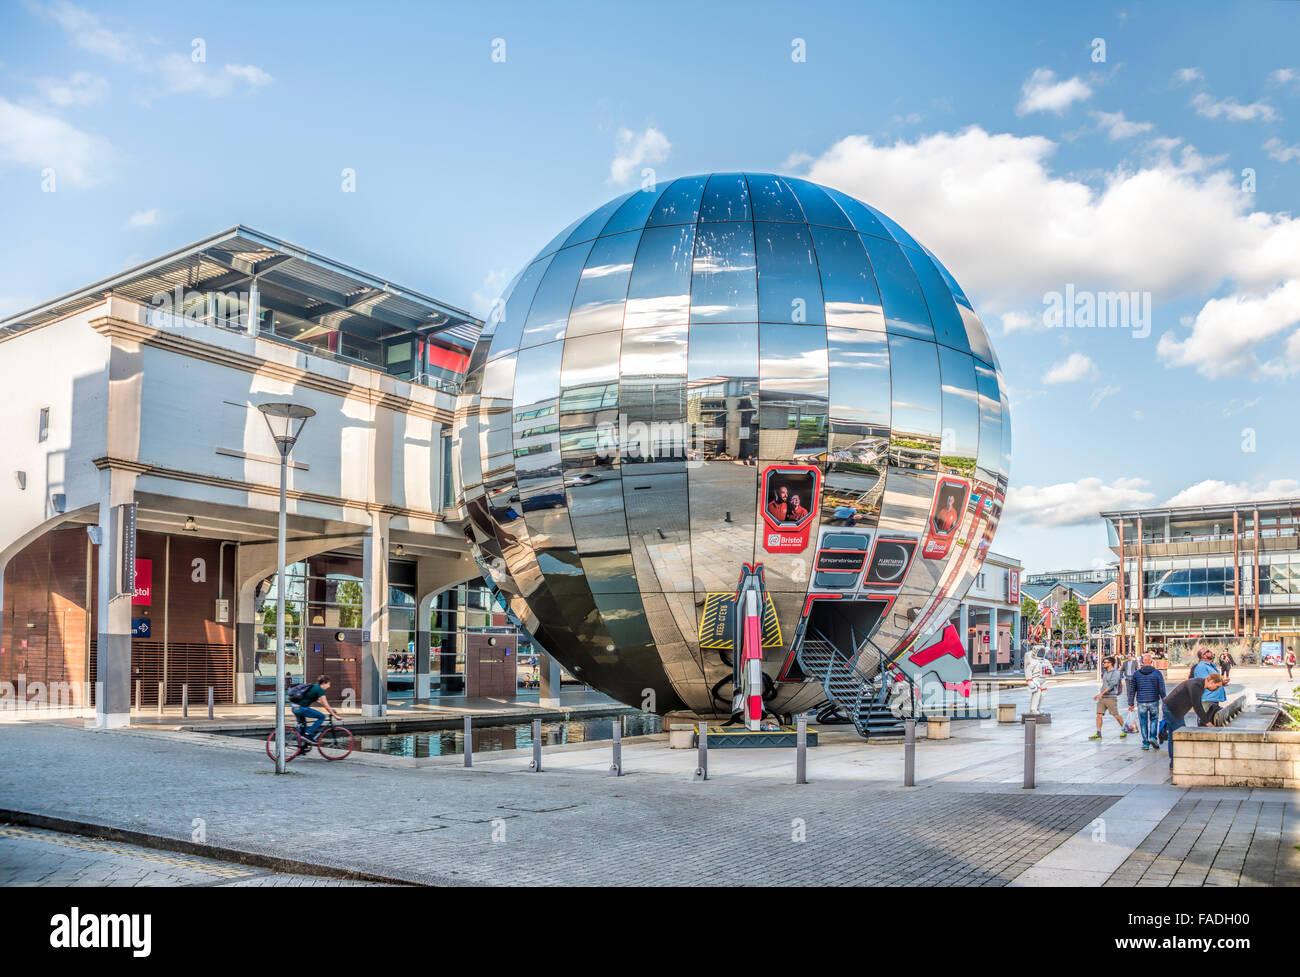 Mirrored Planetarium Sphere Millenium Square in the Harbour of Bristol, Somerset, England, United Kingdom - Stock Image